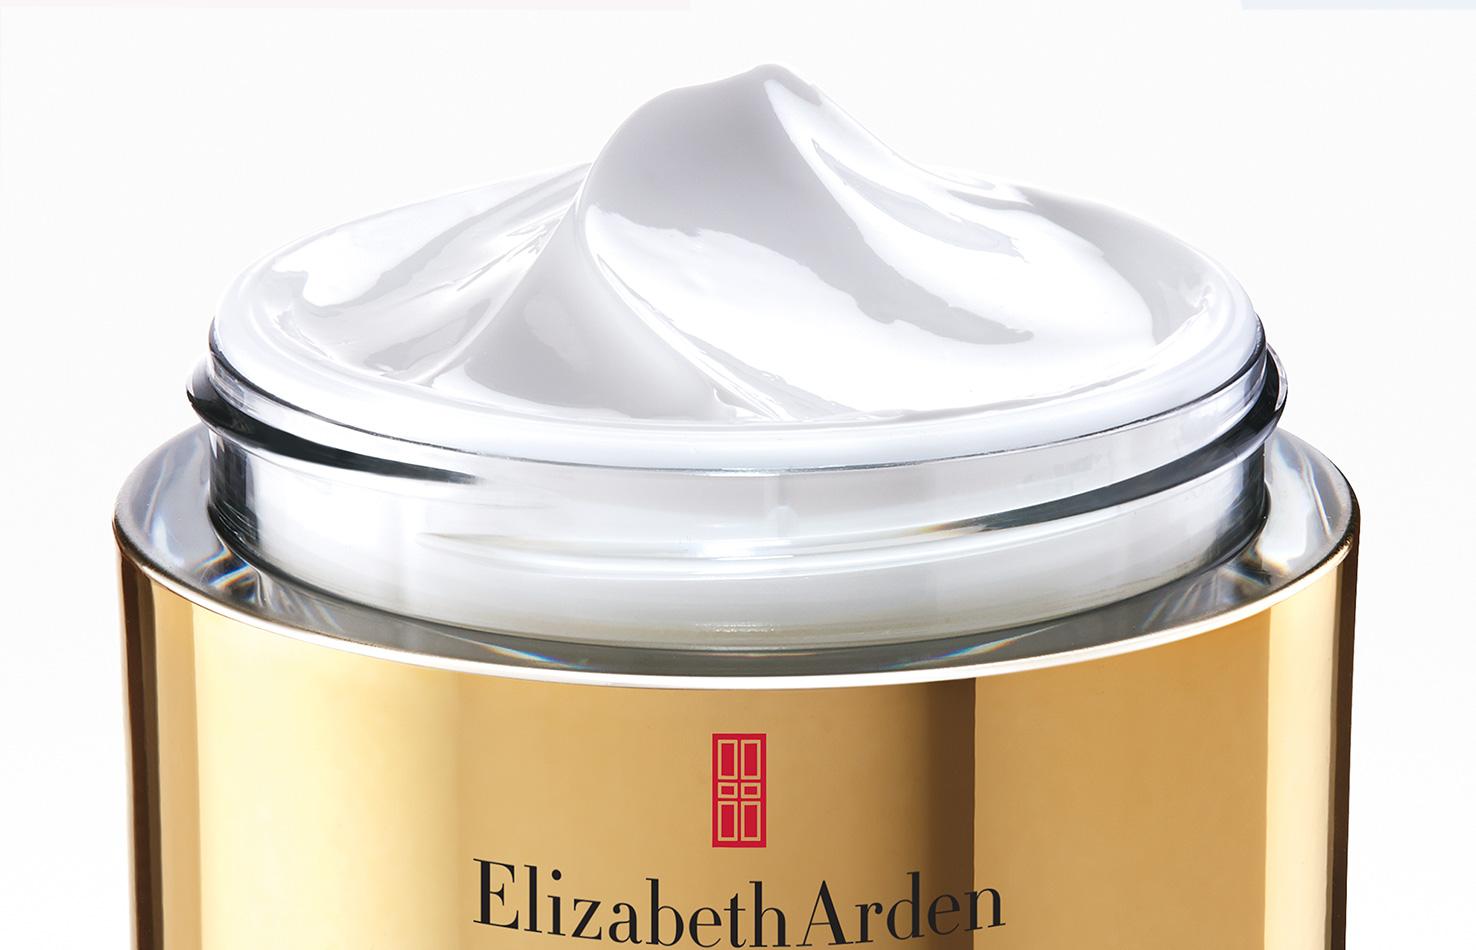 Elizabeth Arden texture 4